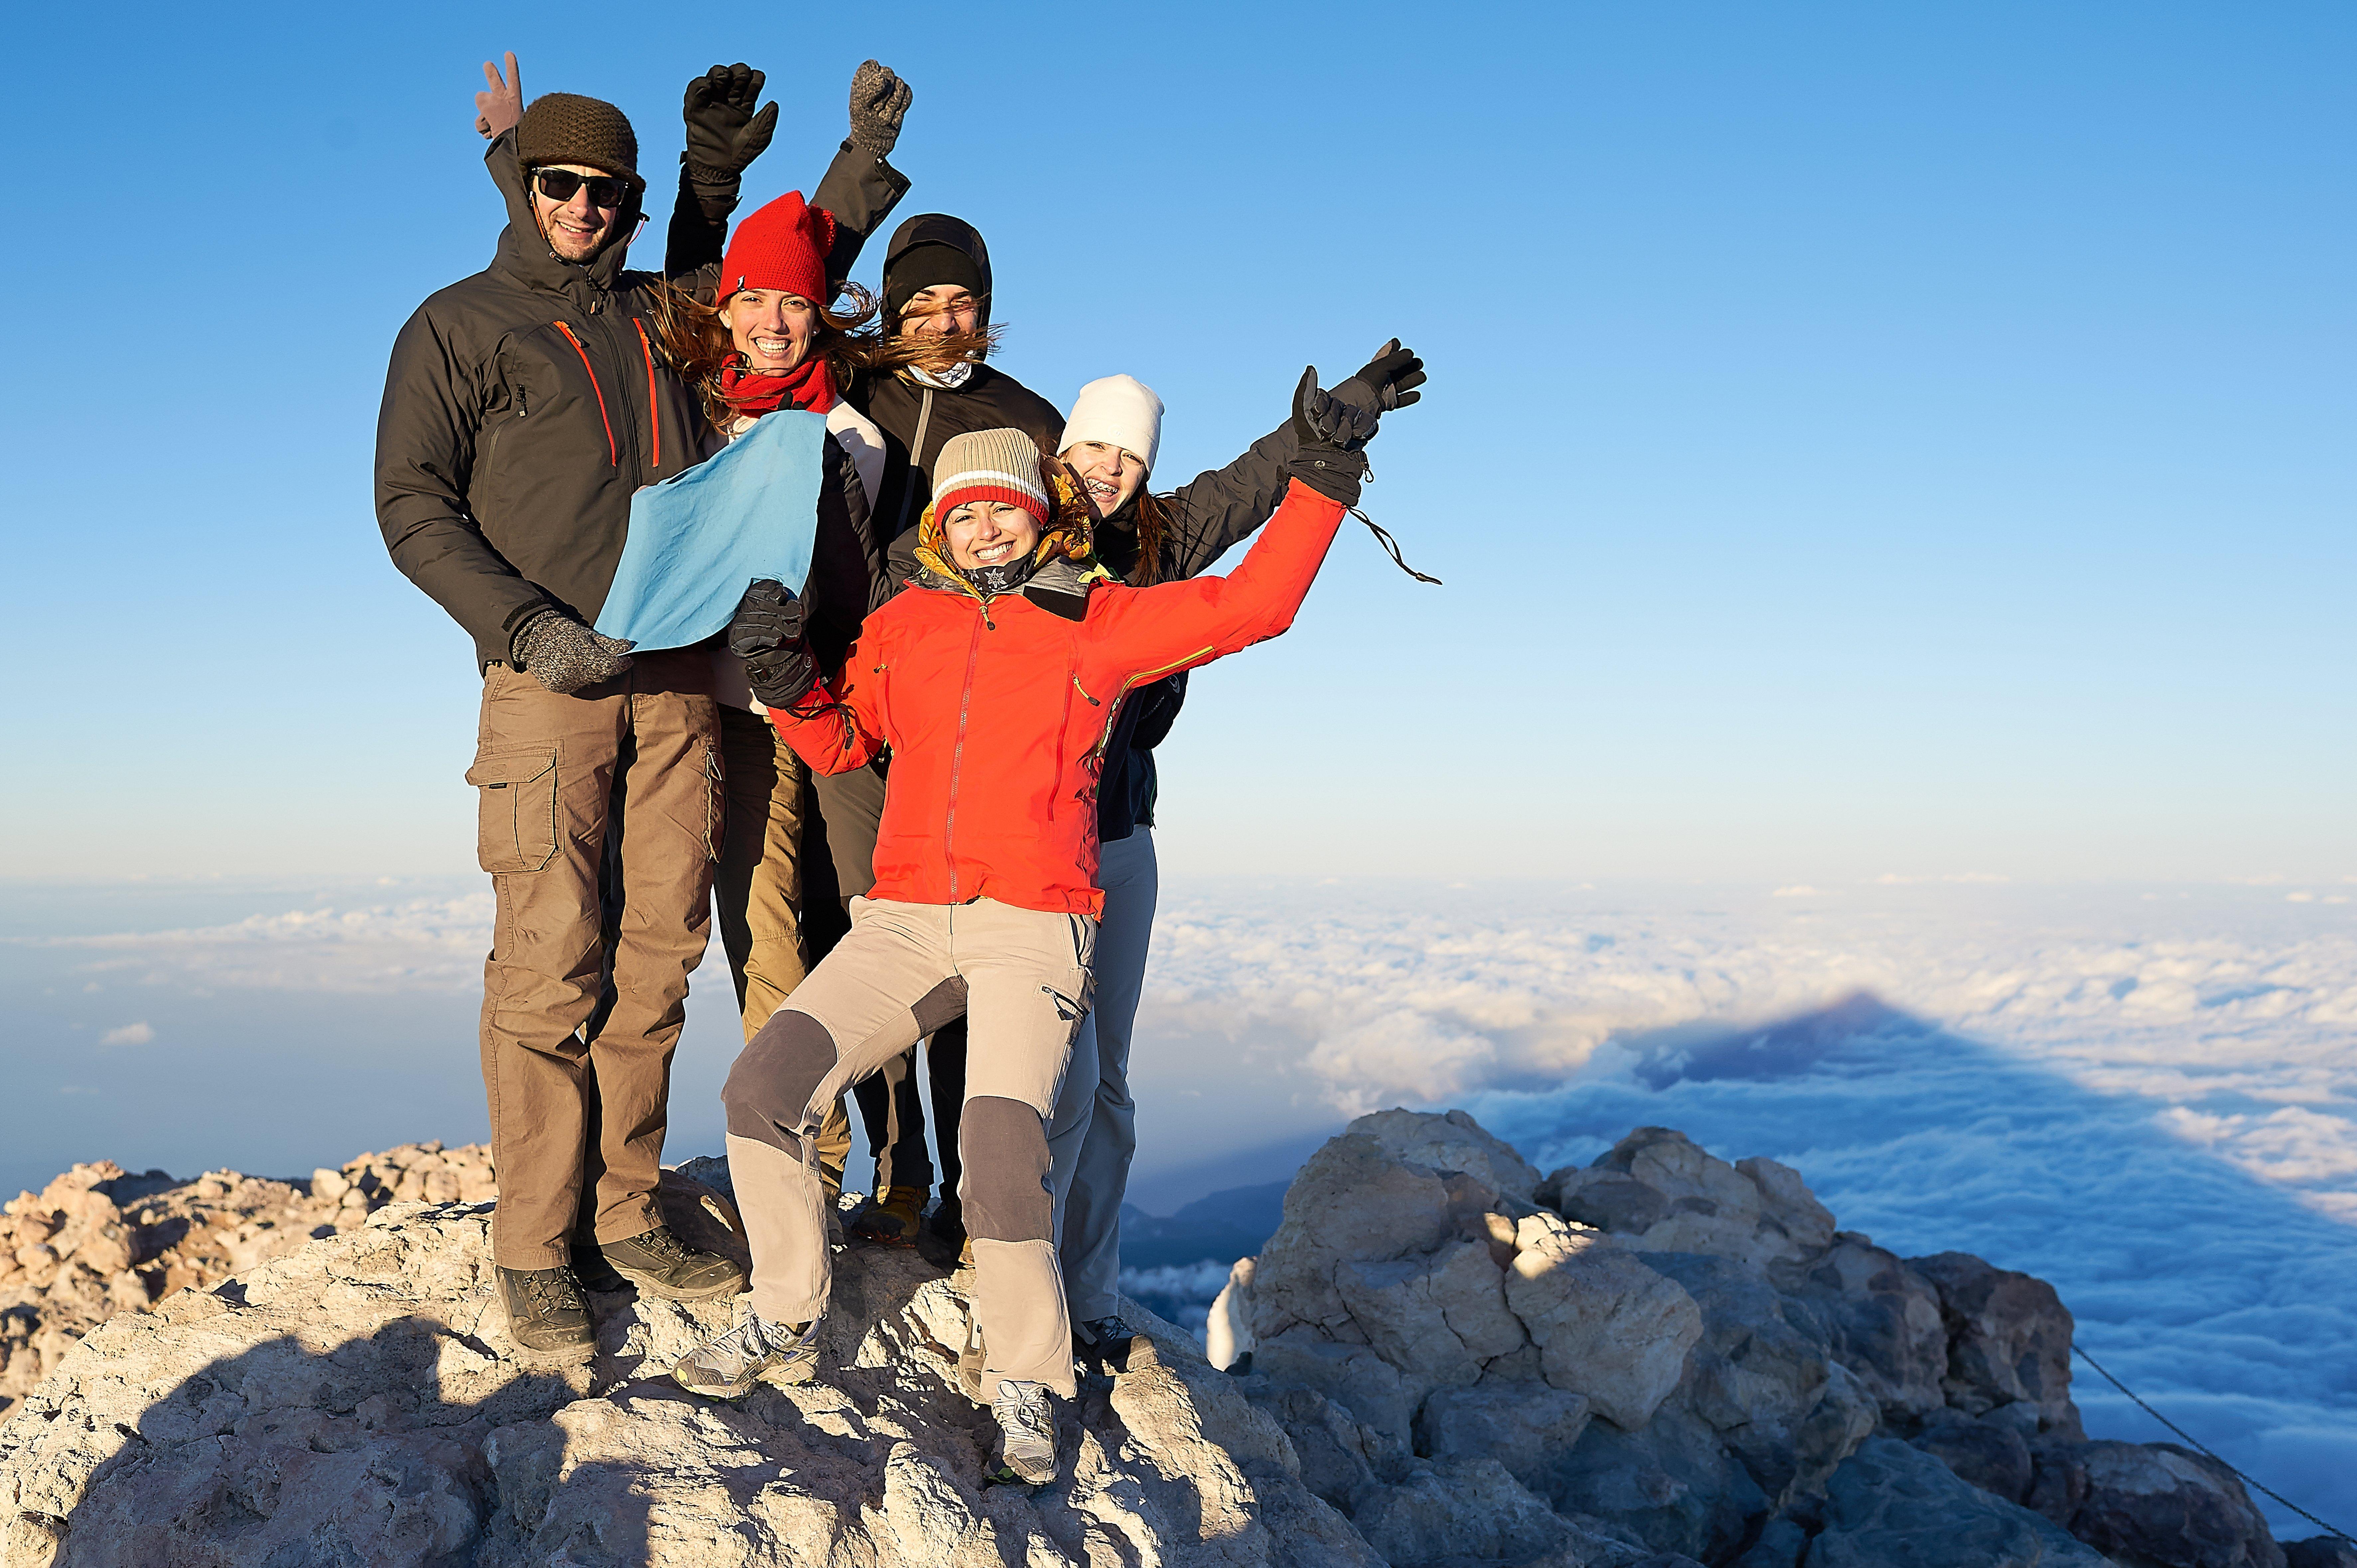 Visite guidate sul Teide - Ascensione alla Vetta con Funivia e guida